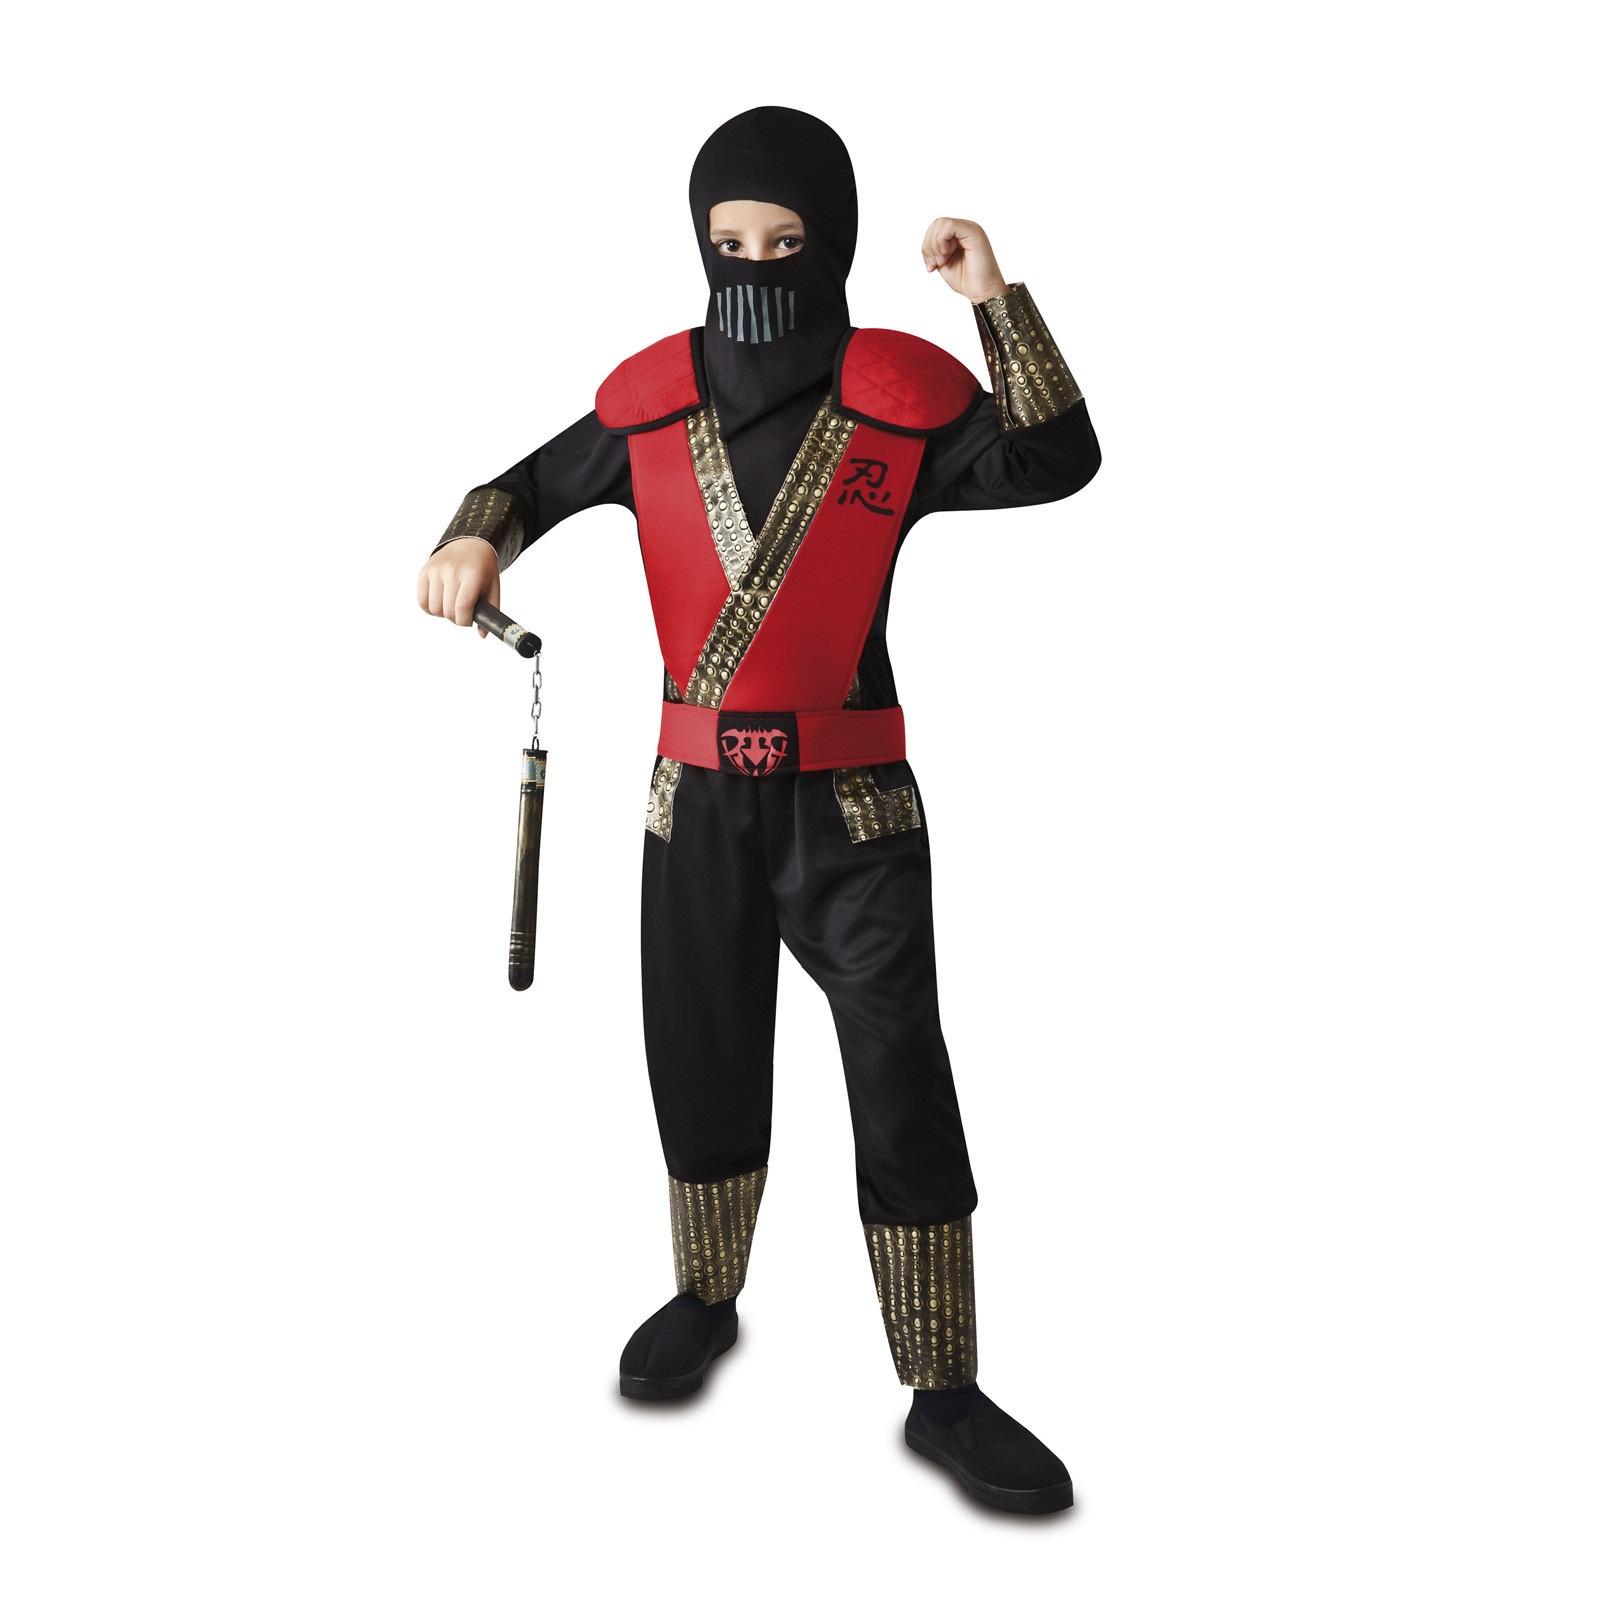 disfraz ninja rojo niño 203143mom - DISFRAZ DE NINJA ROJO NIÑO